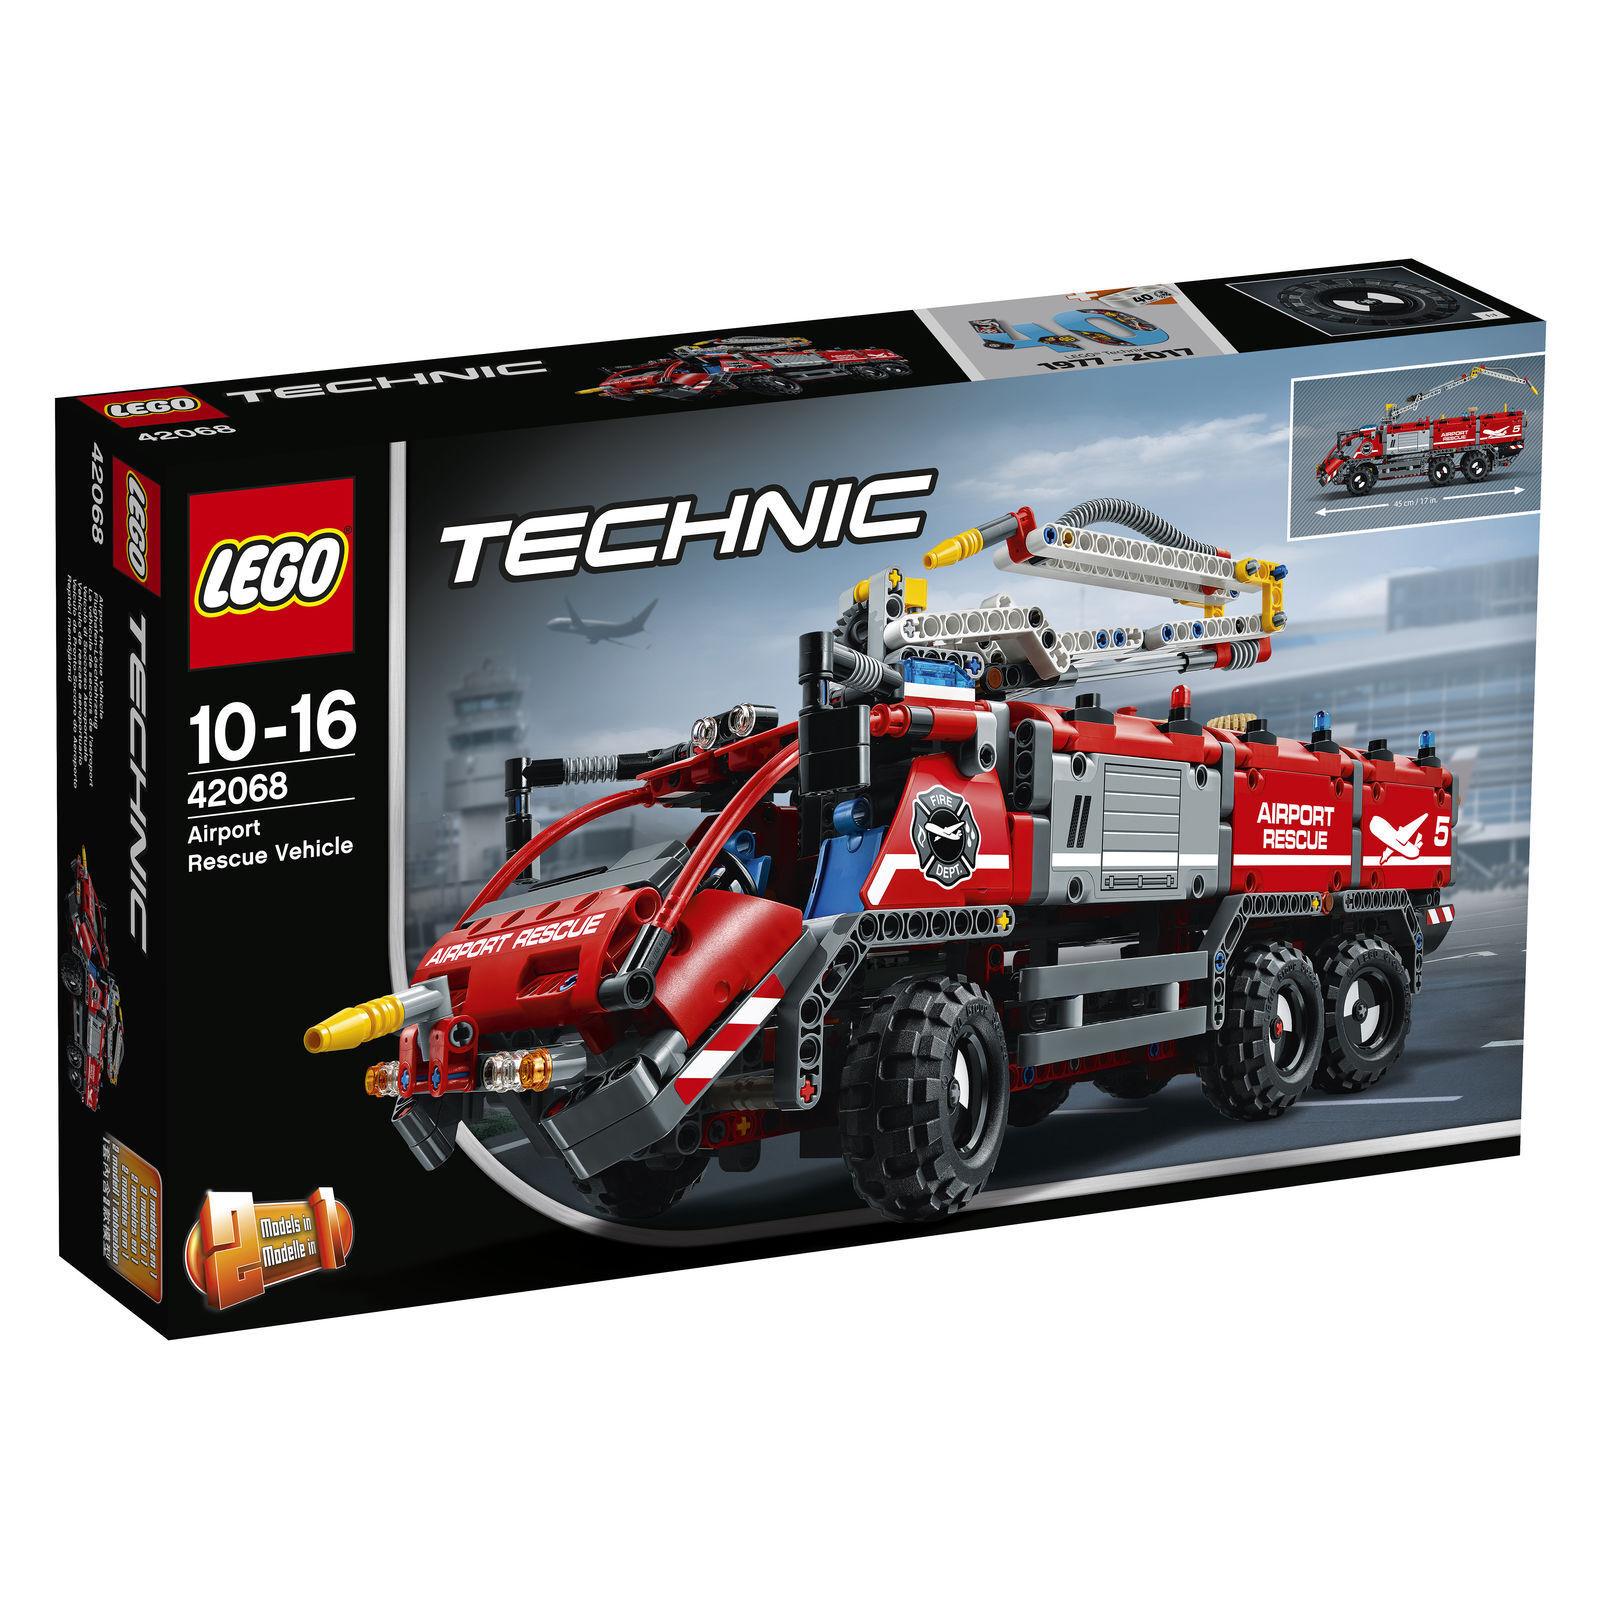 LEGO 42068 - Technic Flughafen-Löschfahrzeug - NEU in der OVP